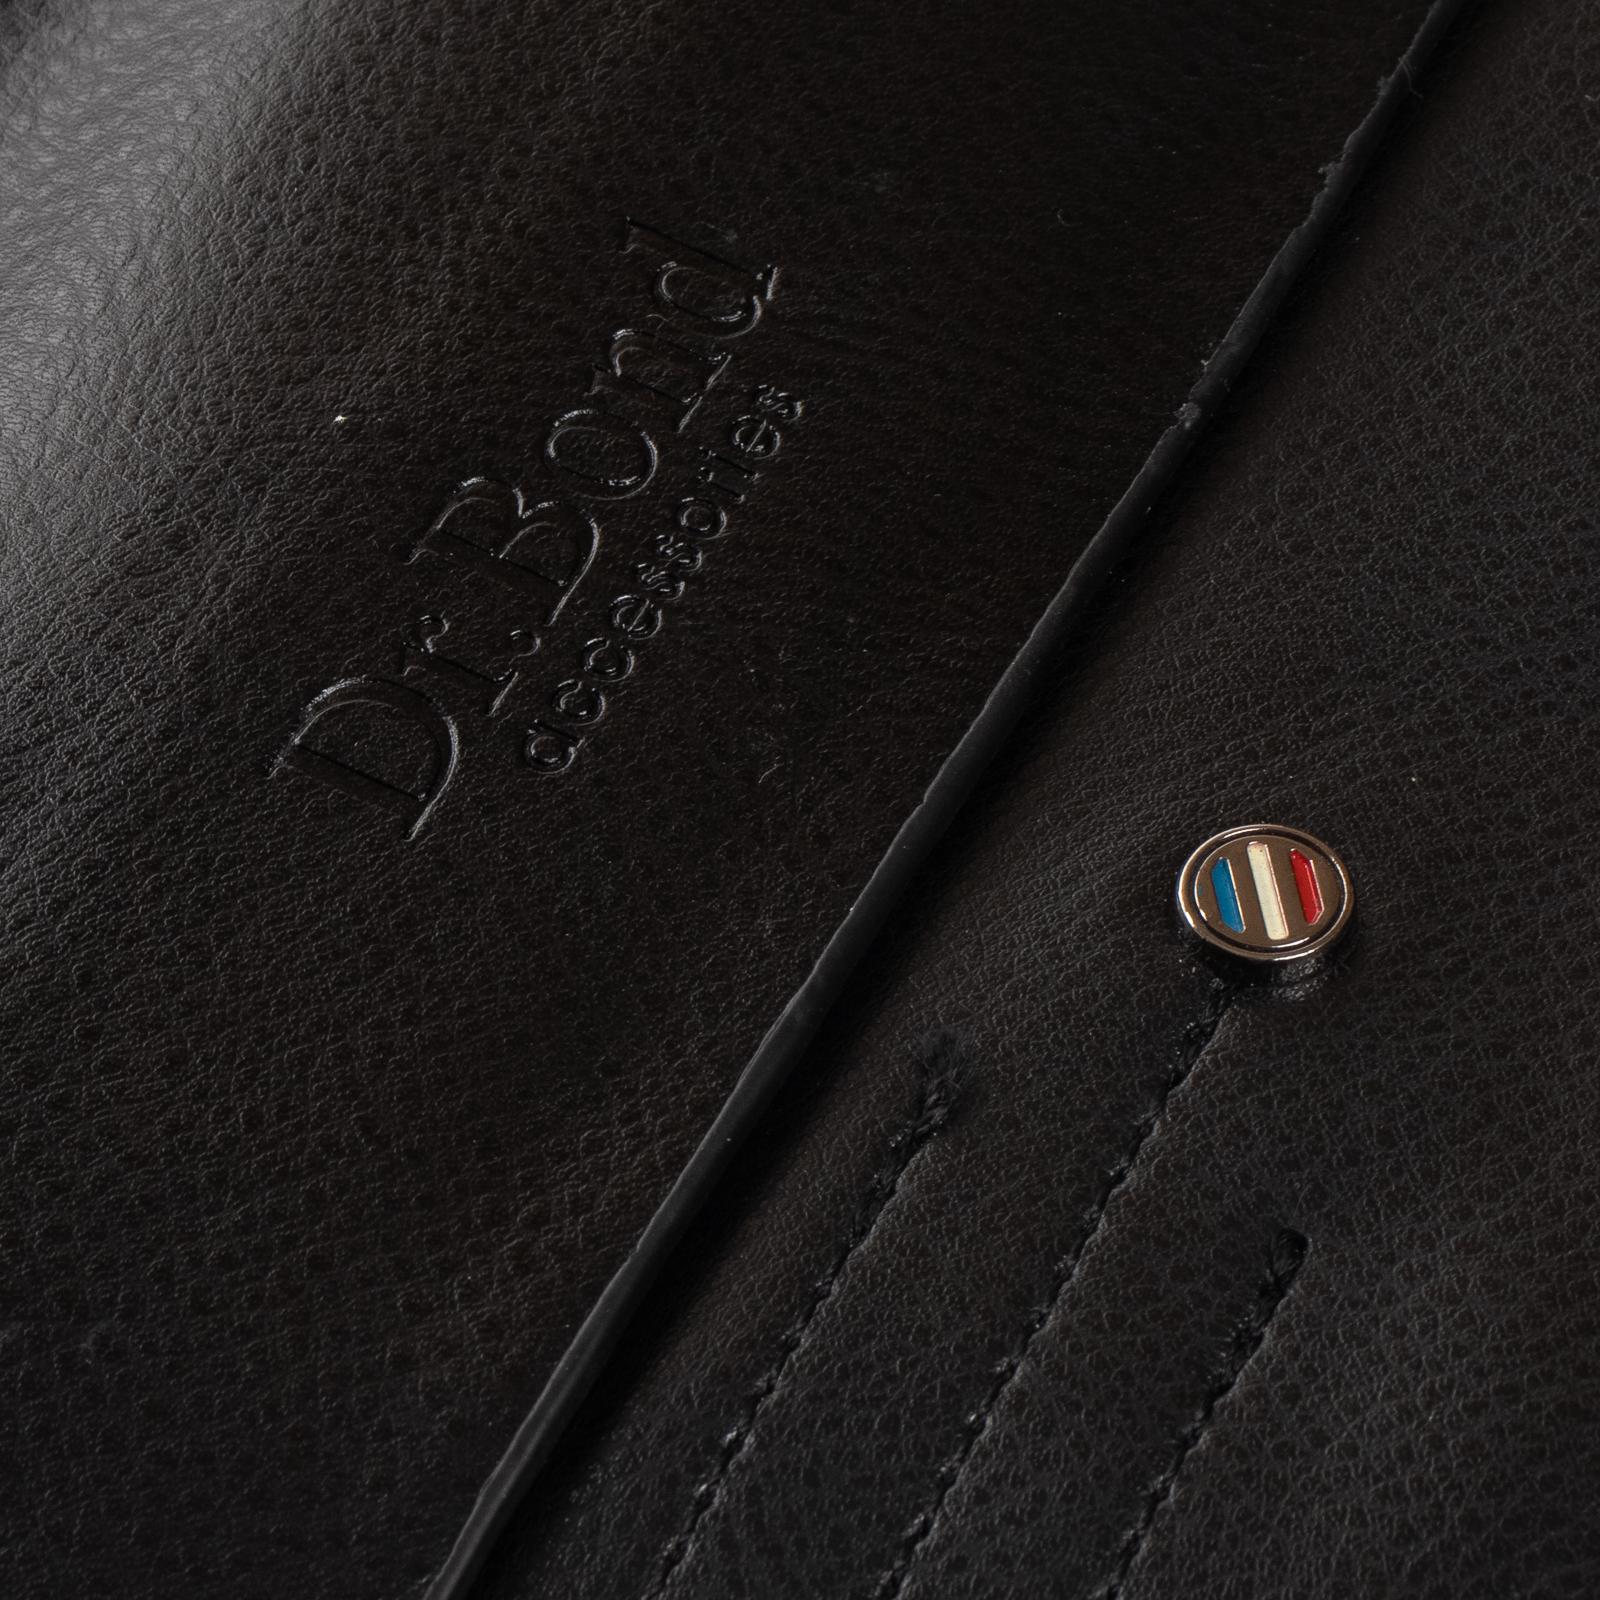 Сумка Мужская Планшет иск-кожа DR. BOND GL 205-2 black - фото 3